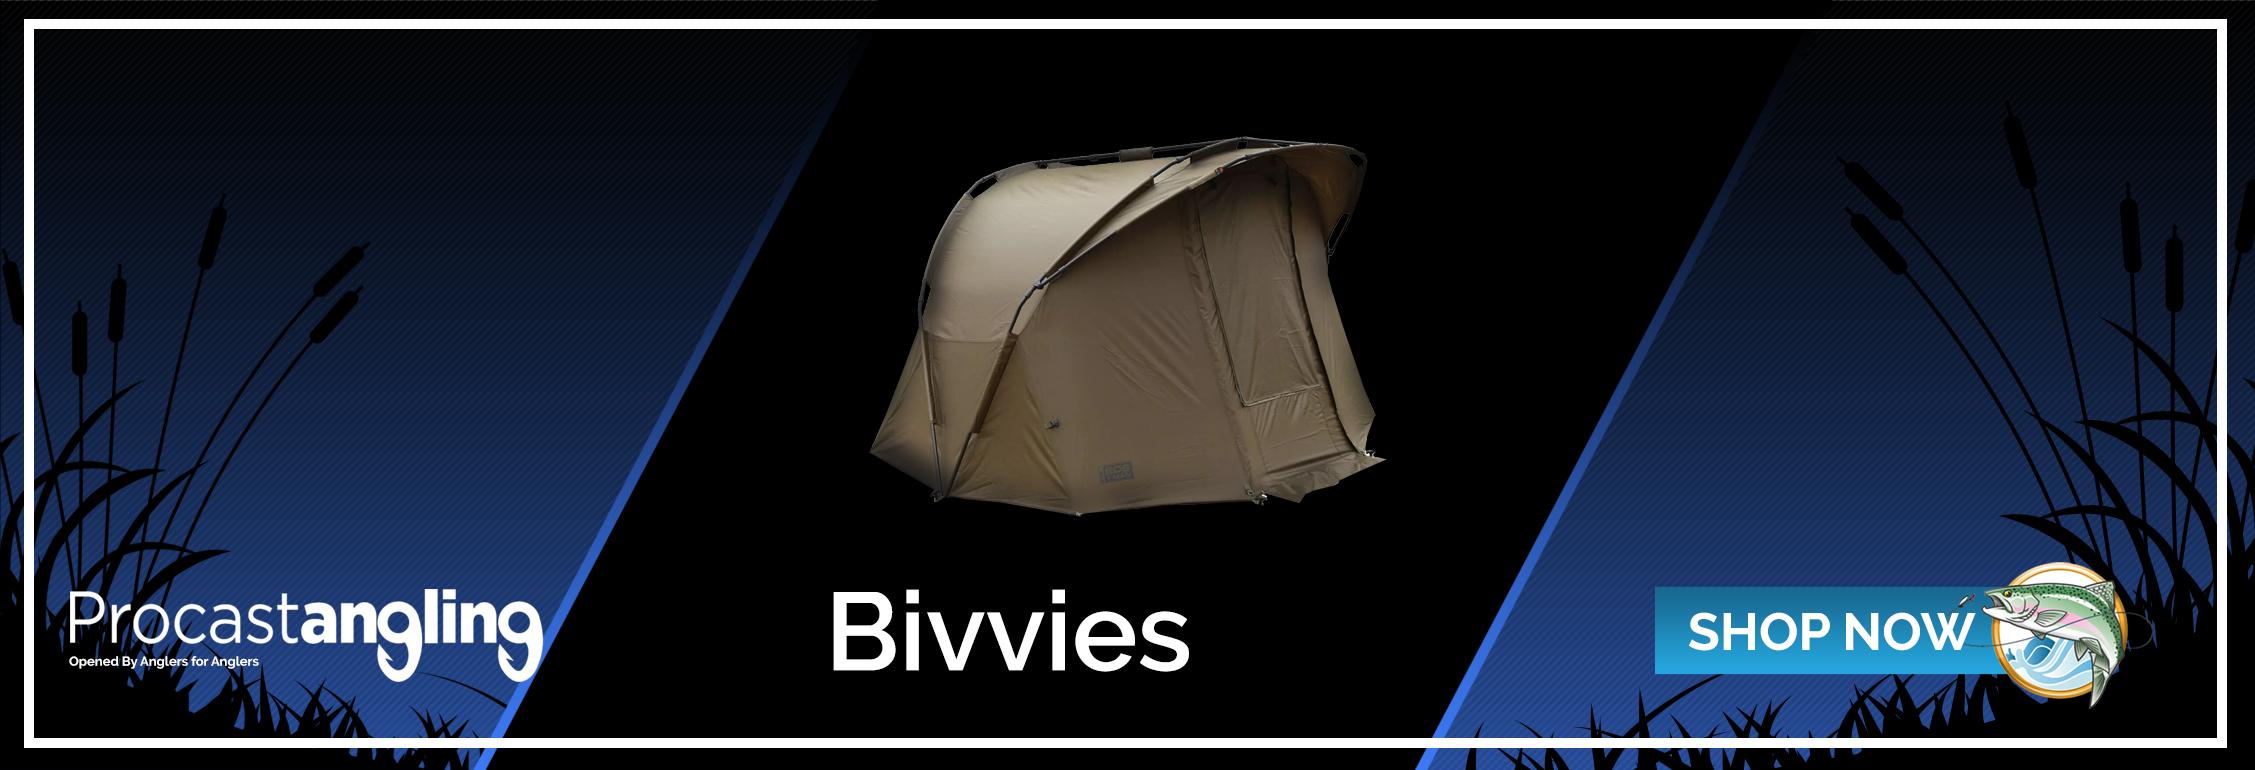 BIVVIES